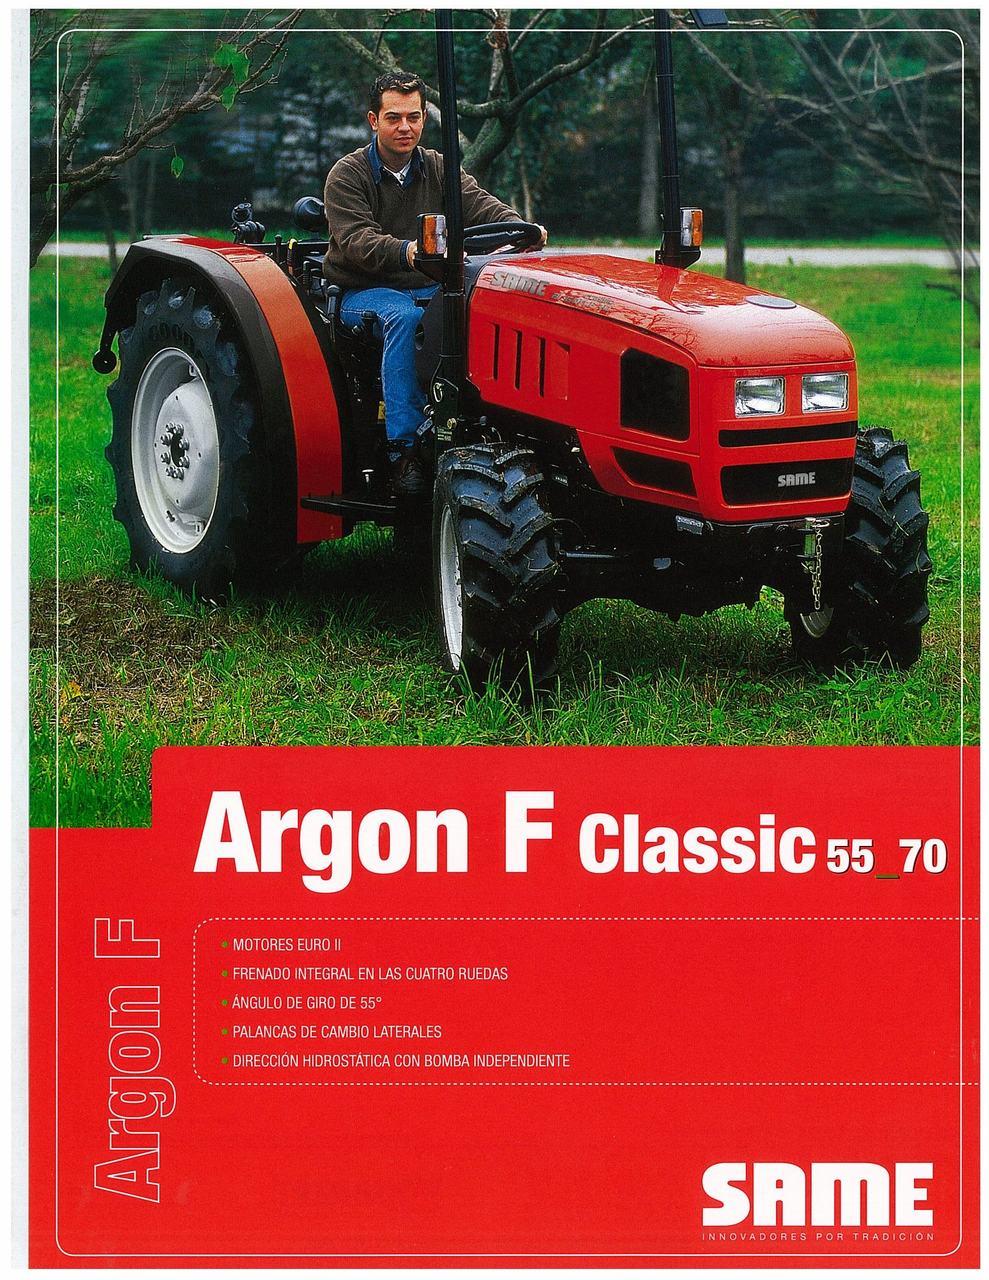 ARGON F CLASSIC 55 - 70